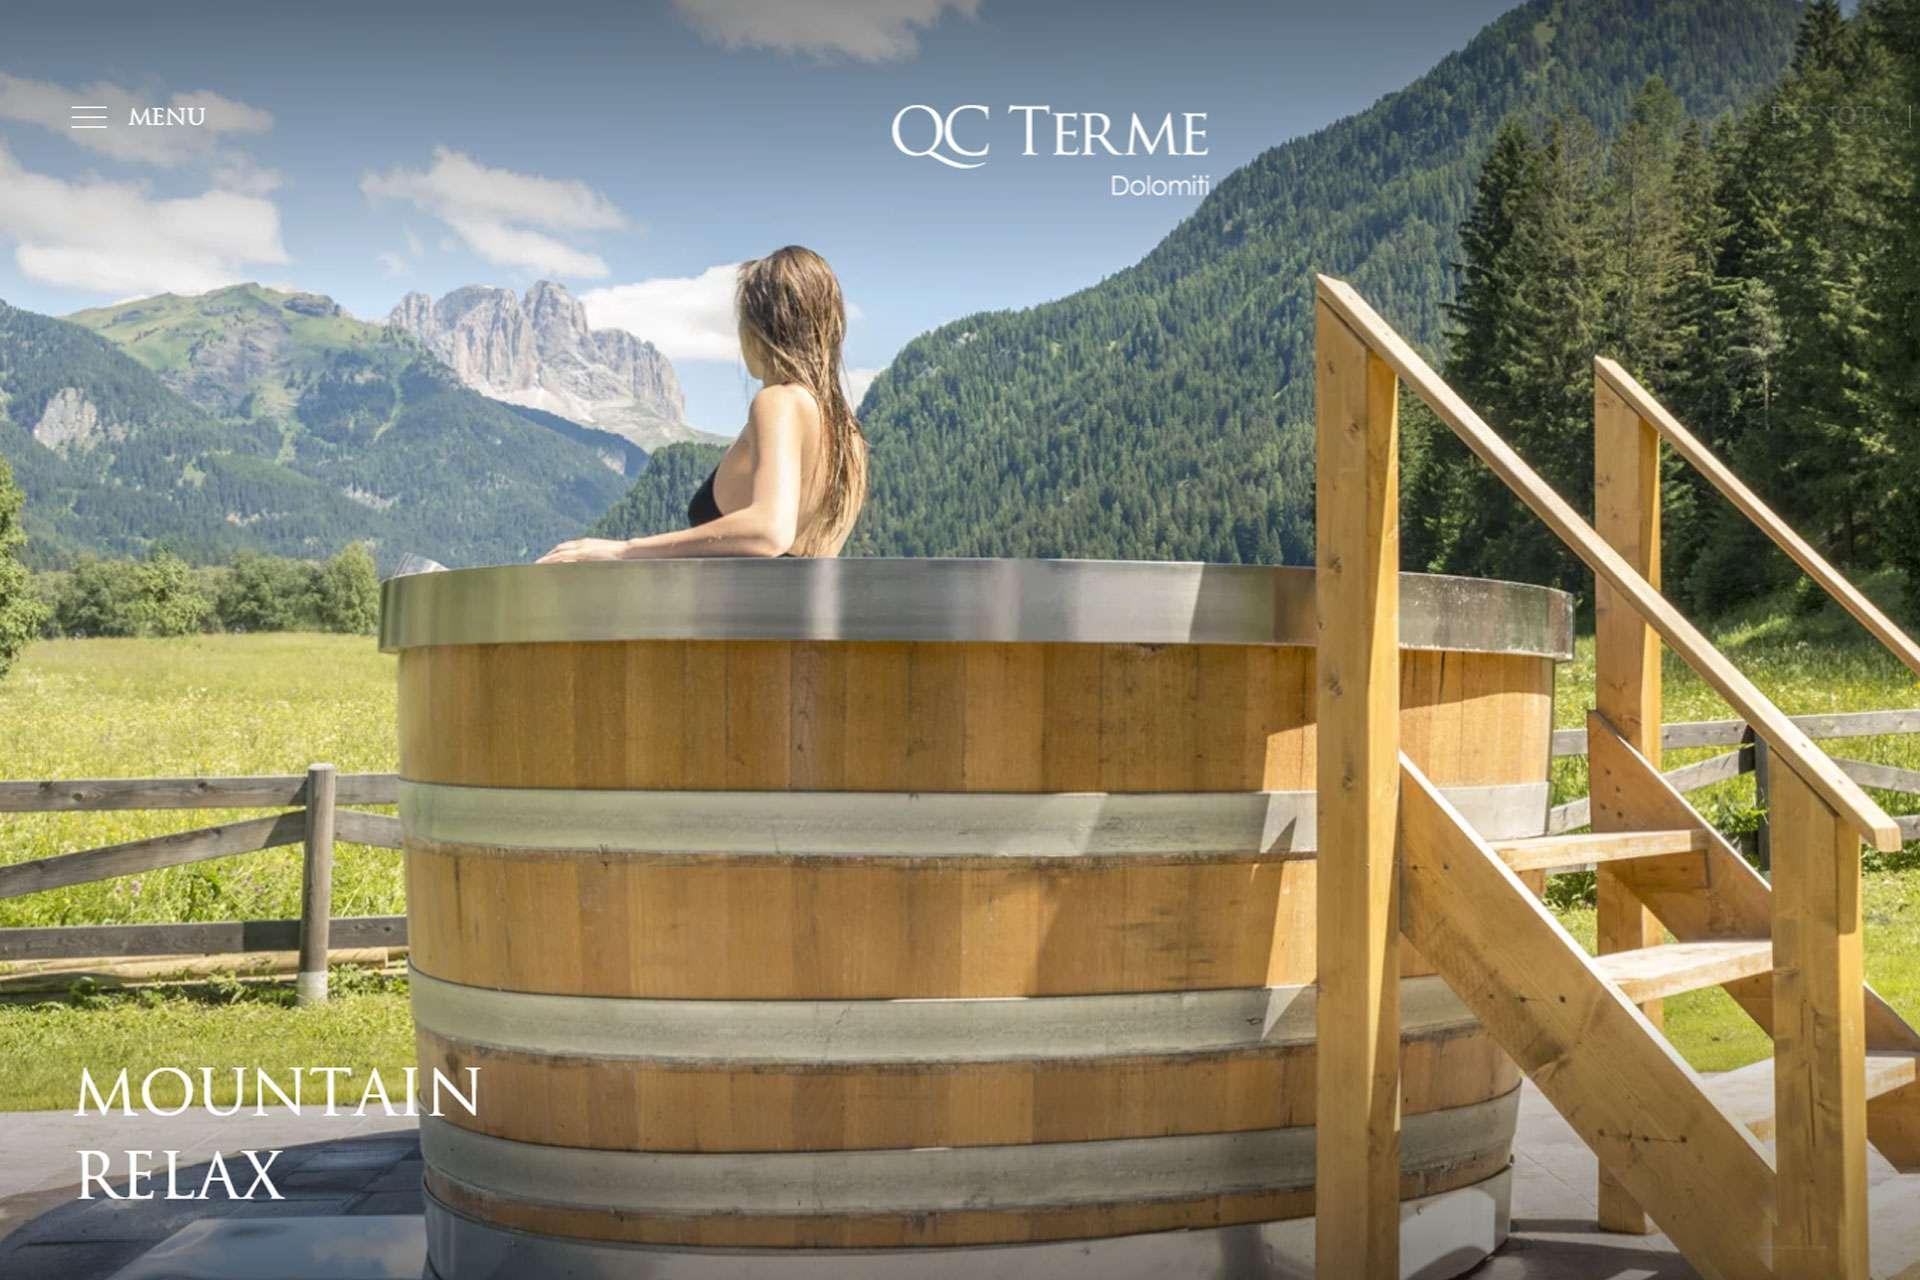 QC Terme